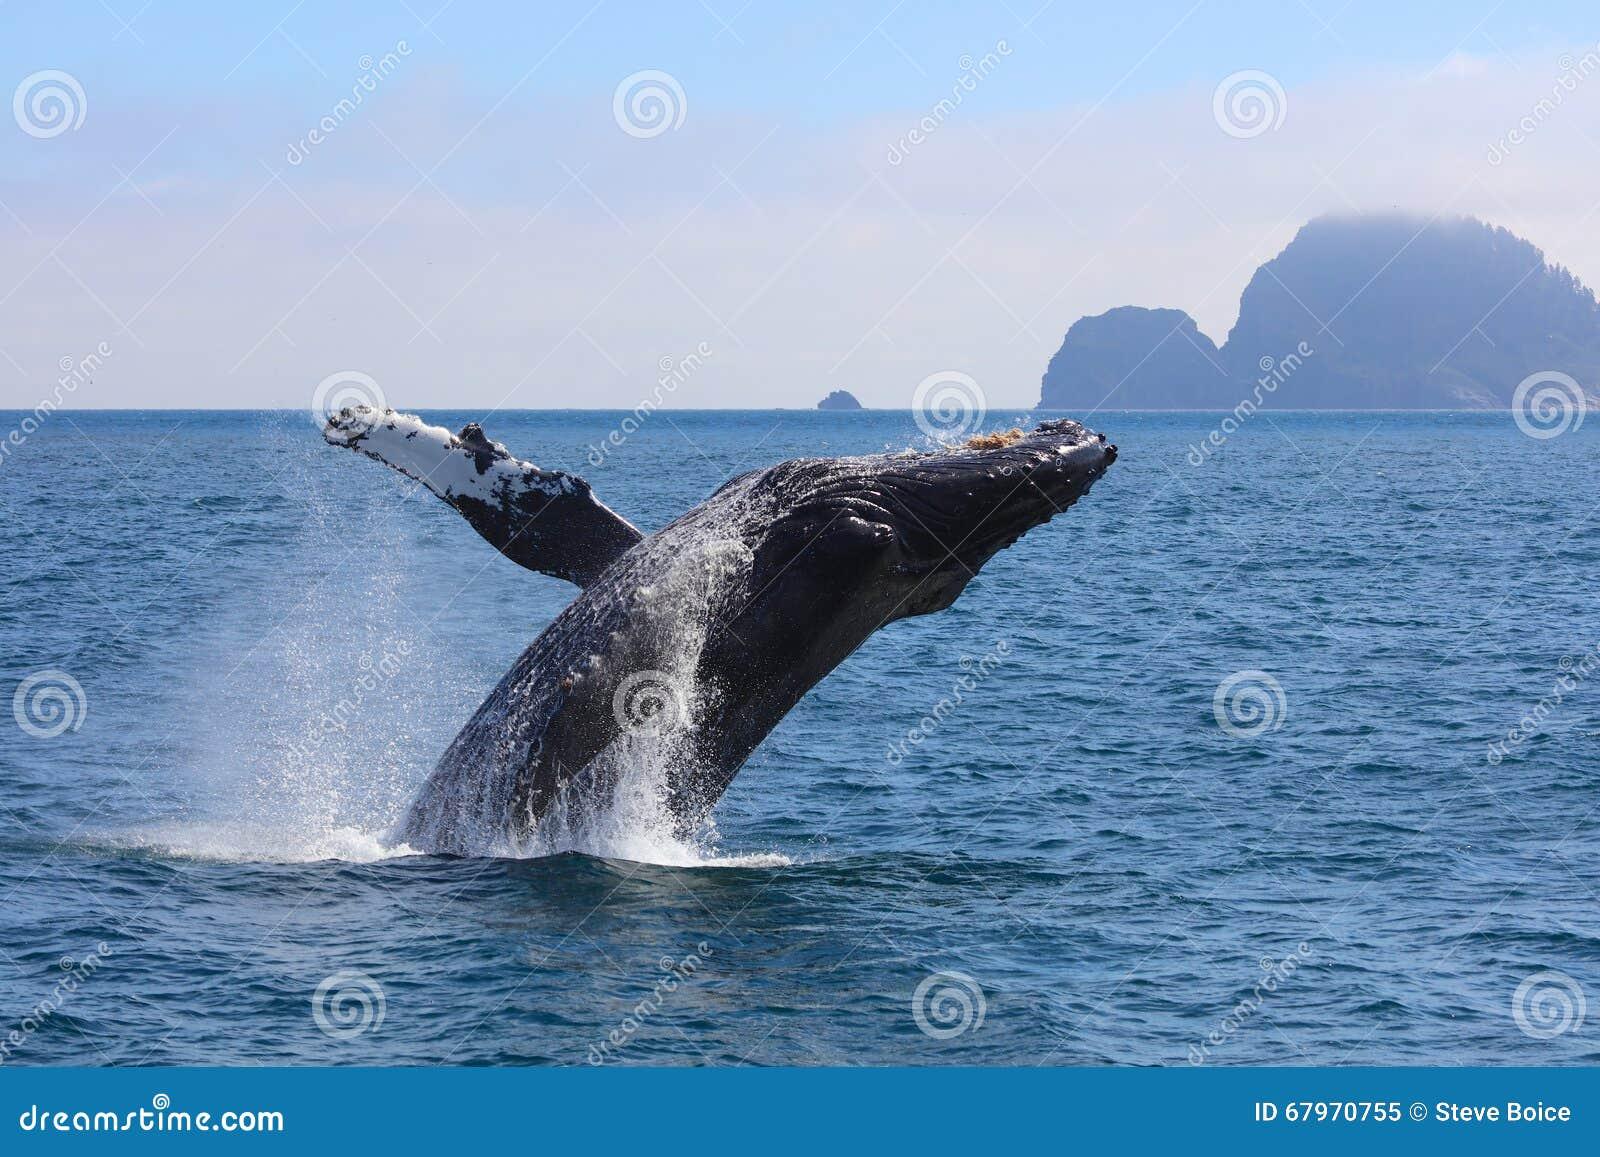 Humpback Whale Breaching Kenai Fjords National Park Alaska